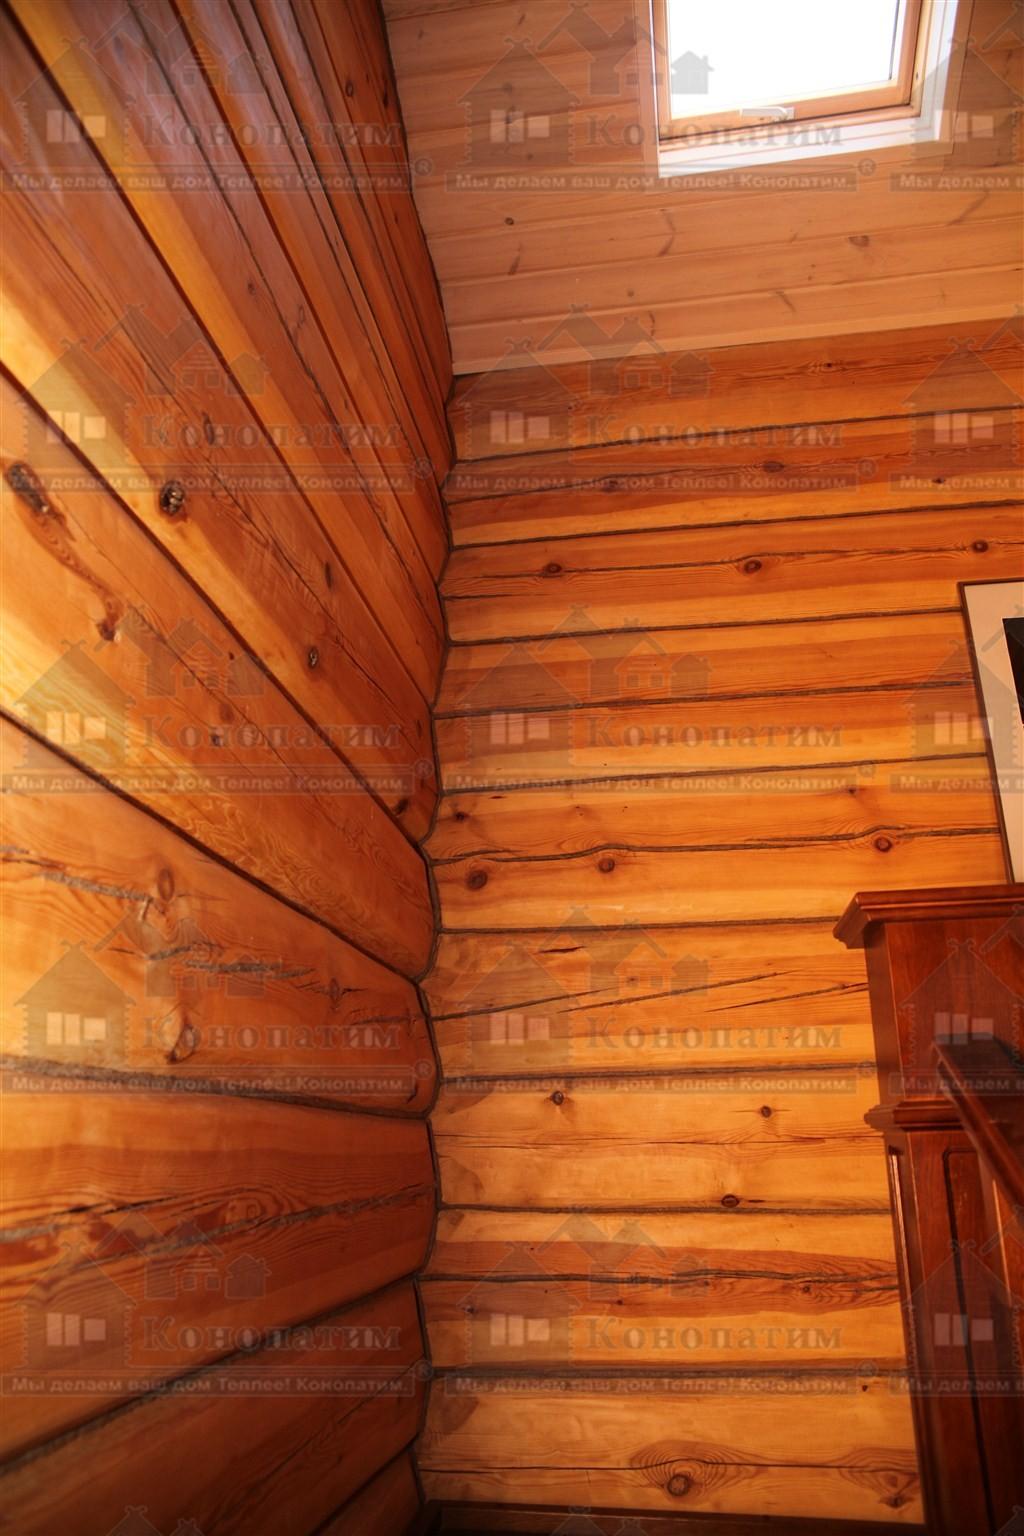 Фото-конопатка внутренних стен дома норвежской рубки в пос. Лебяжье.